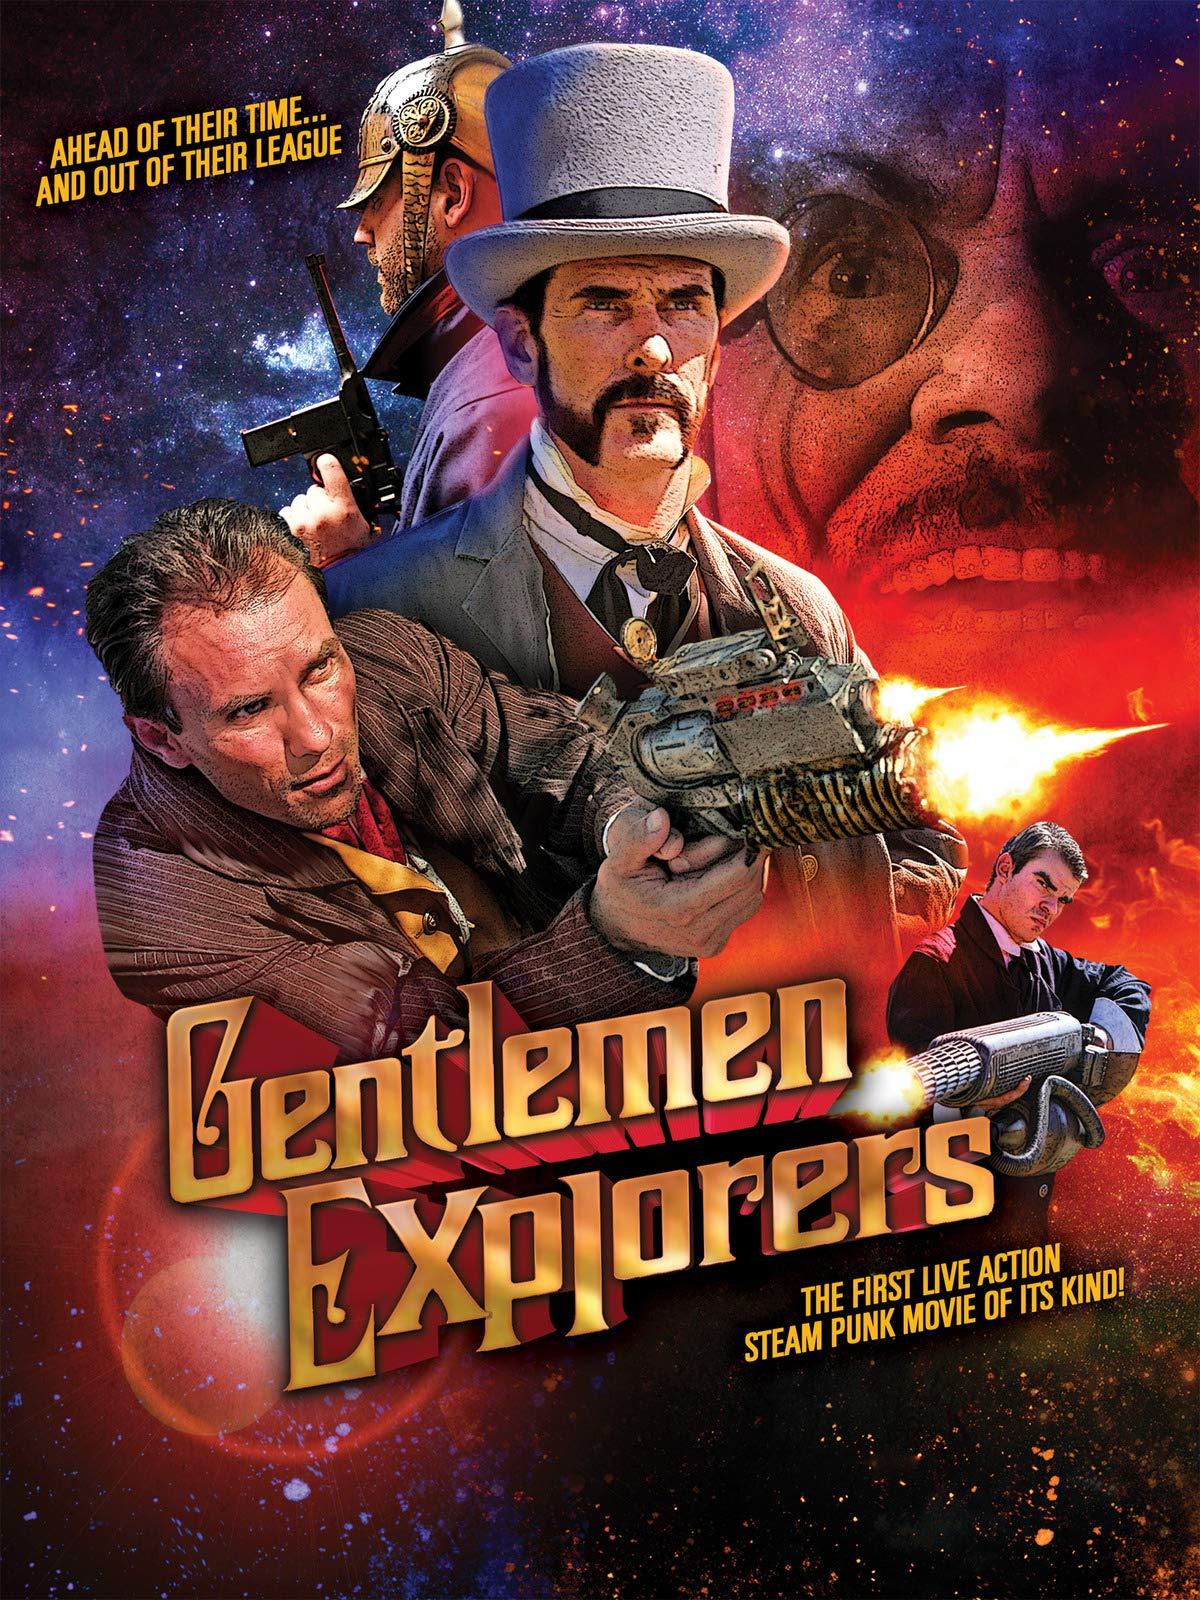 Gentlemen Explorers on Amazon Prime Video UK